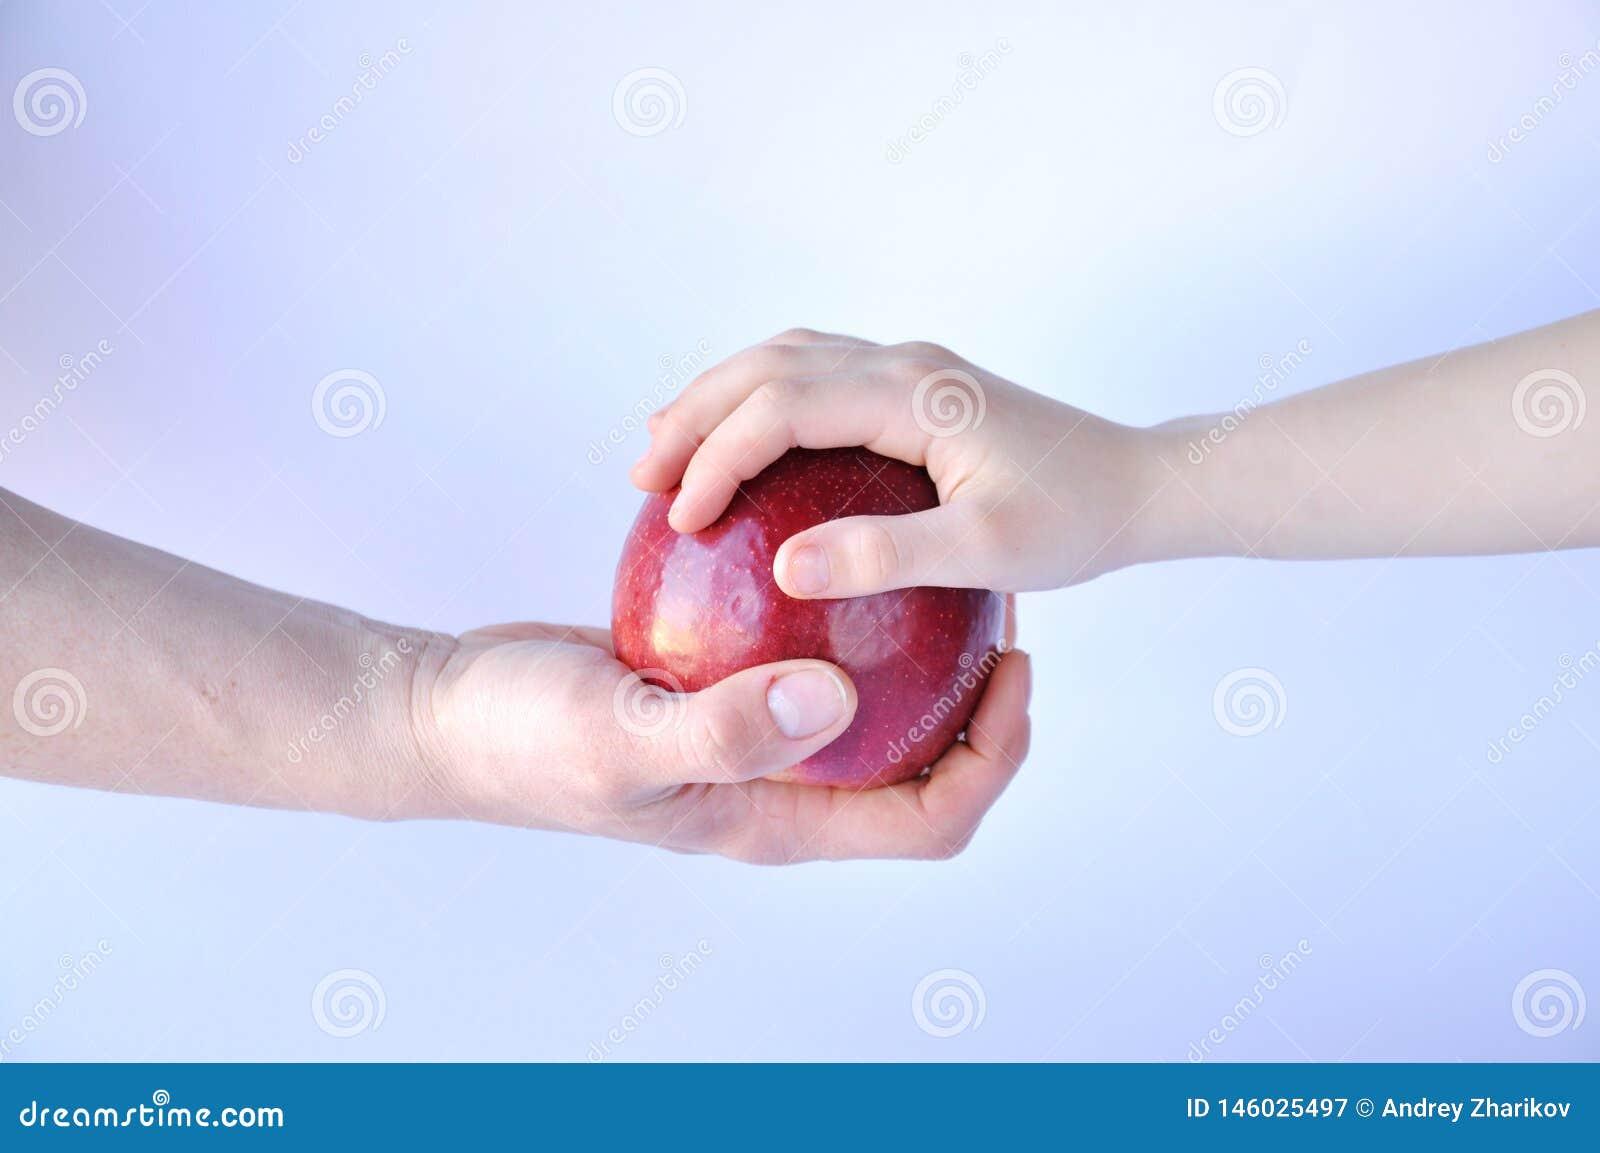 Рука дает красное яблоко другой руке